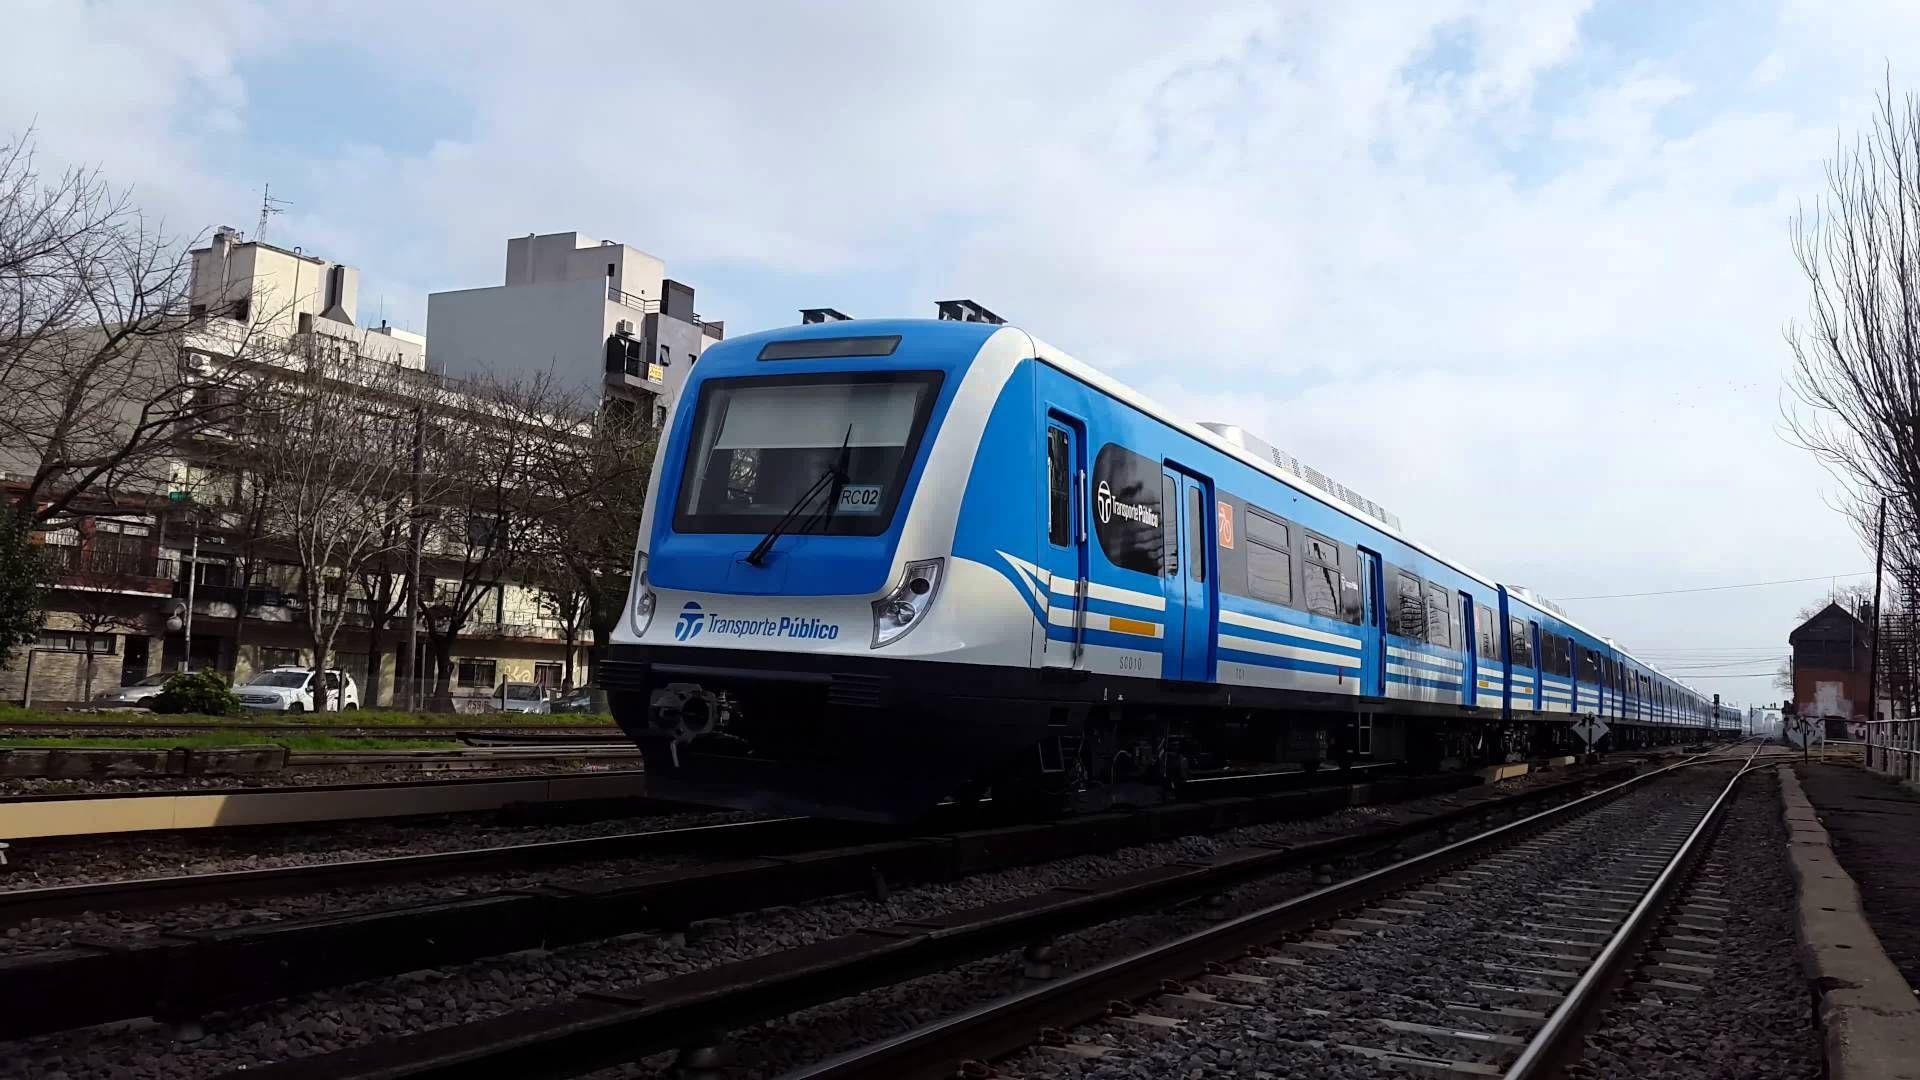 ¿Hacia dónde se va el humo de un tren eléctrico si va de Norte a Sur?